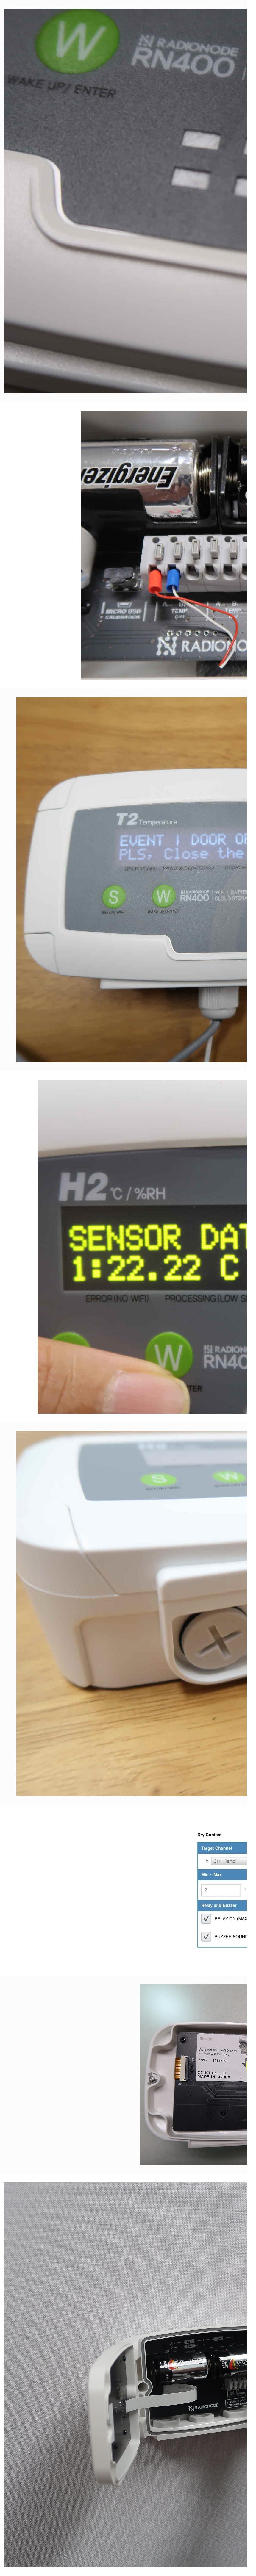 (주)와이즈맥스 와이파이 데이터로거 RN-400 3